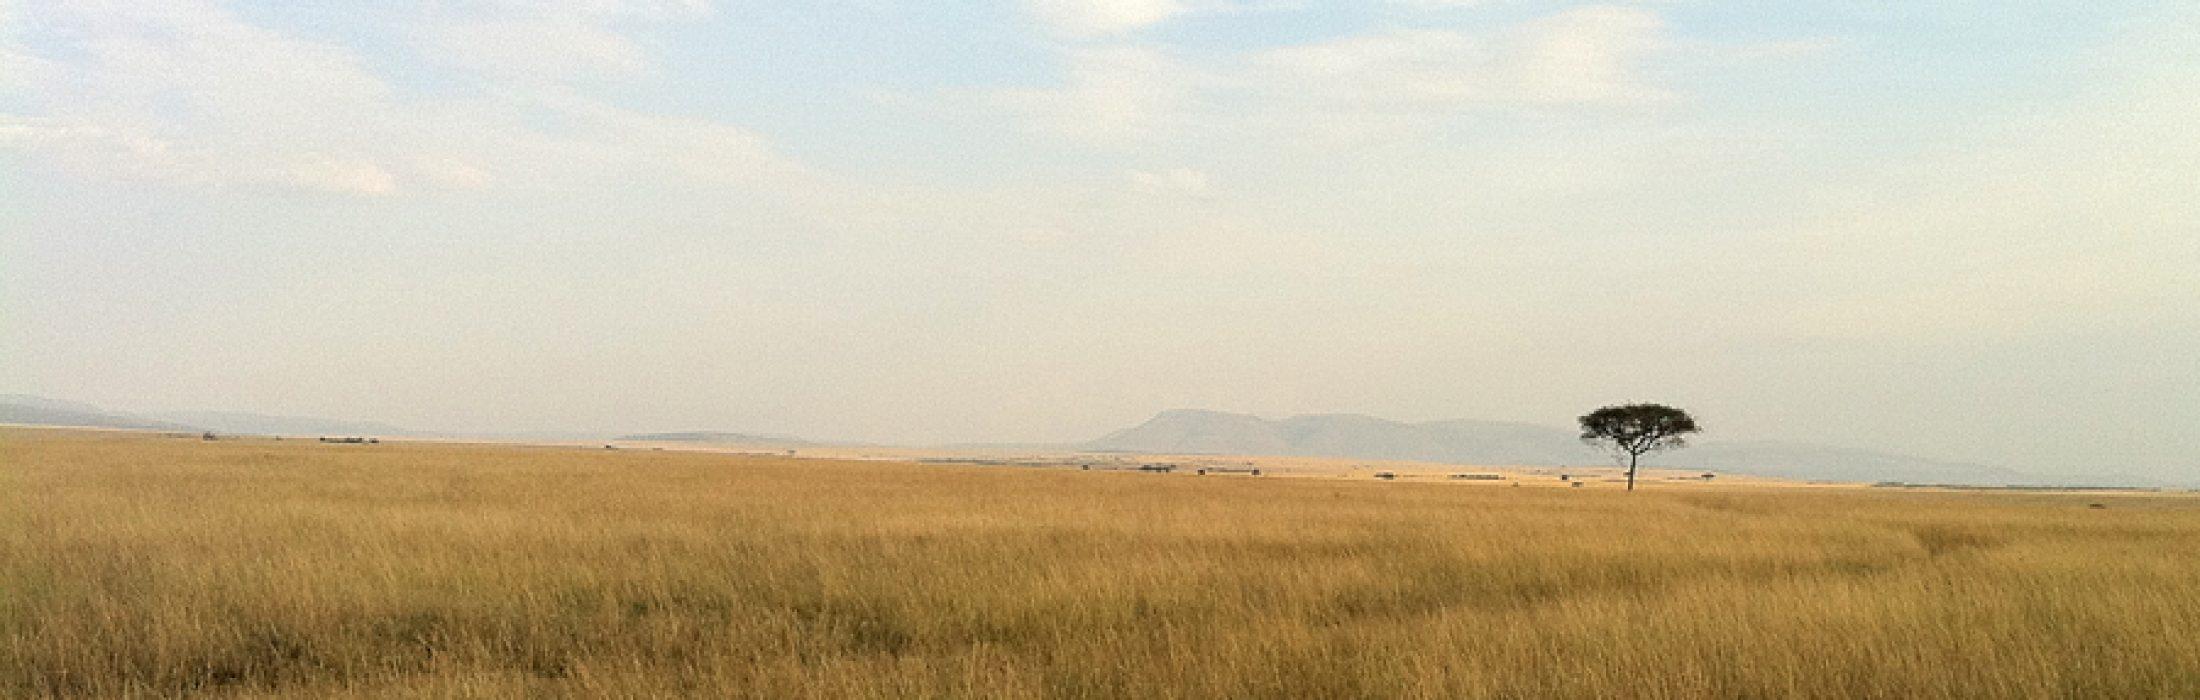 Grasslands of Masai Mara